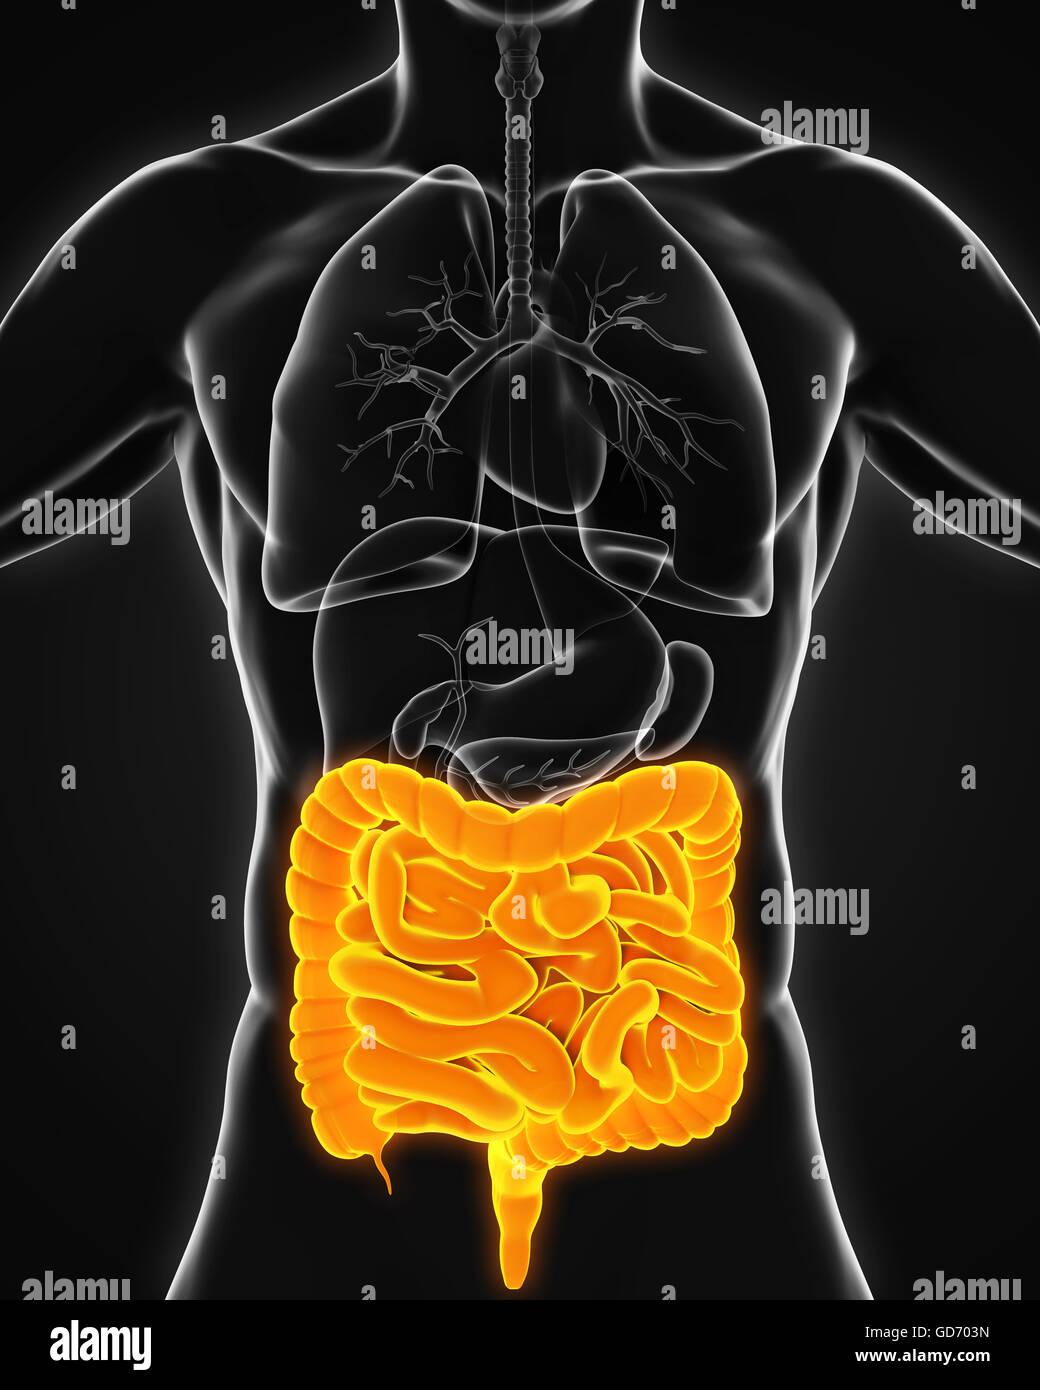 Menschlichen Darm Anatomie Stockfoto, Bild: 111406505 - Alamy